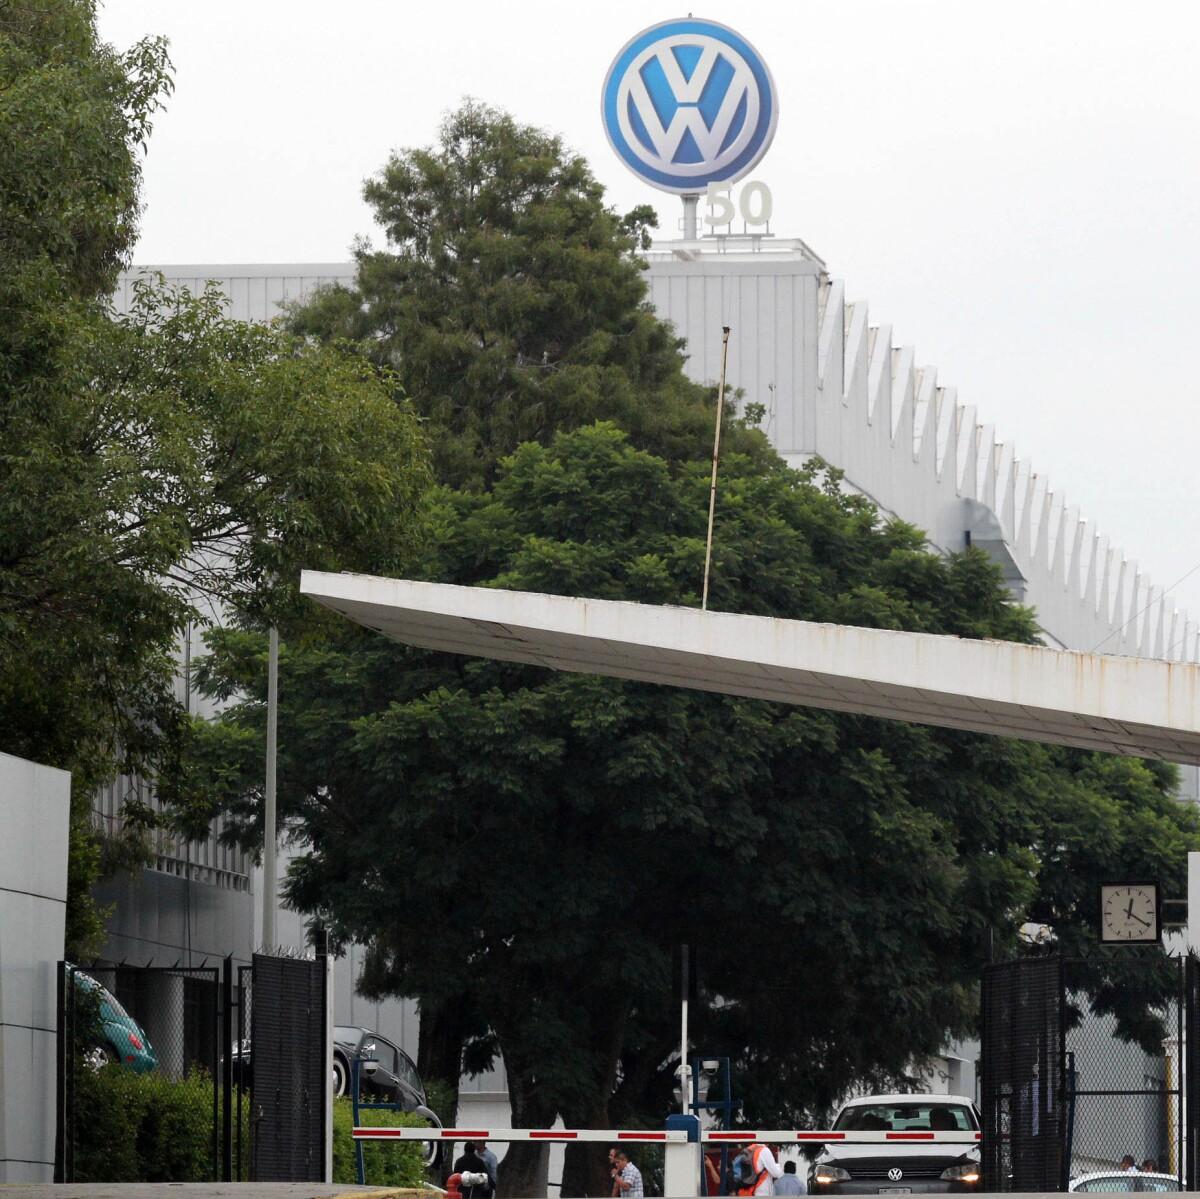 Puebla acuerda Volkswagen indemnizar campesinos por cañones antigranizo